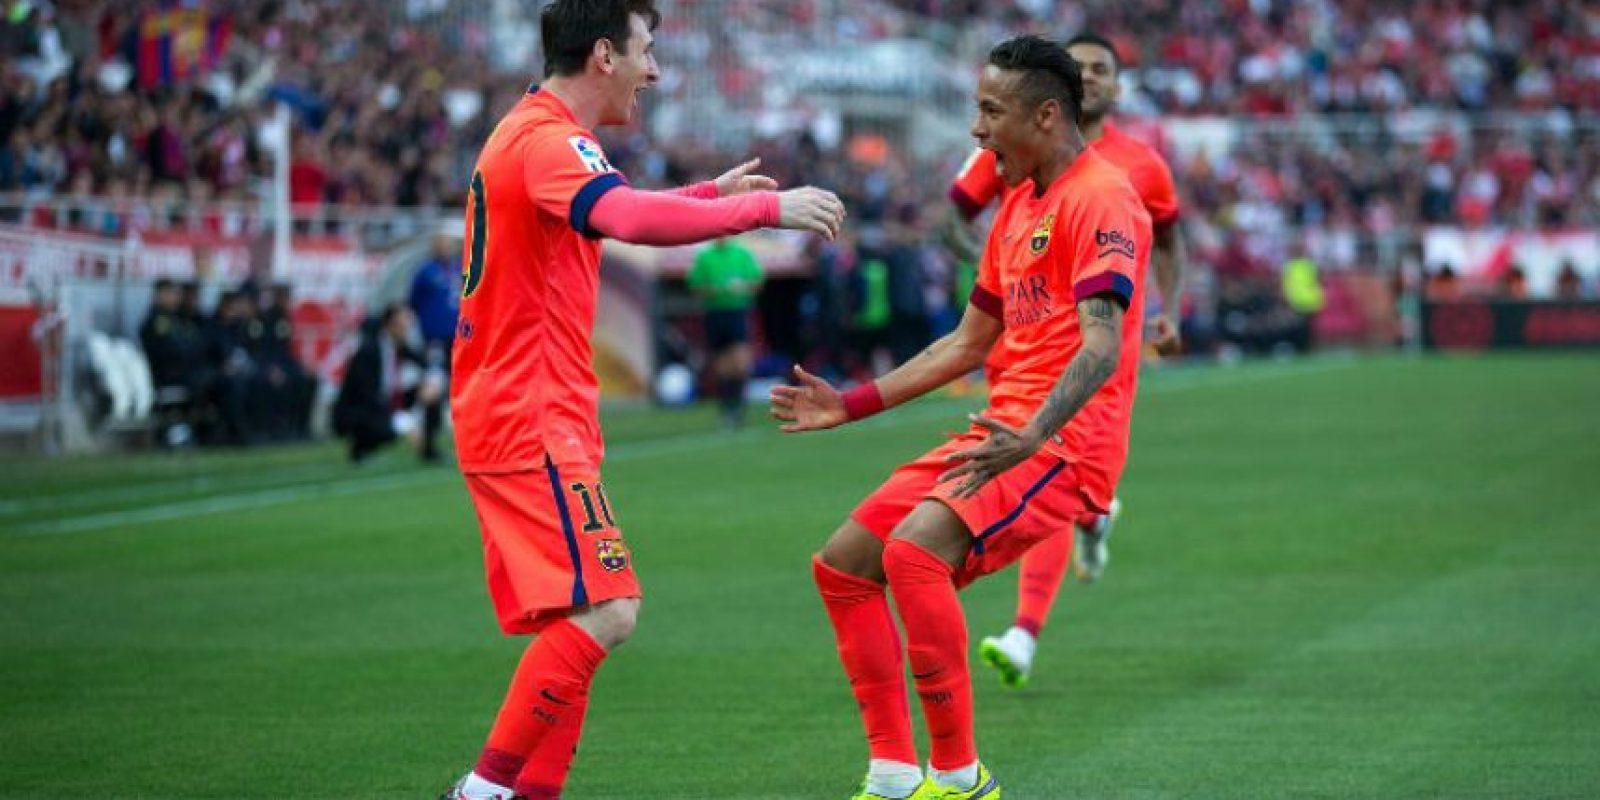 El equipo tiene un valor de 703 millones de euros, de acuerdo al sitio Transfermarkt Foto:Getty Images